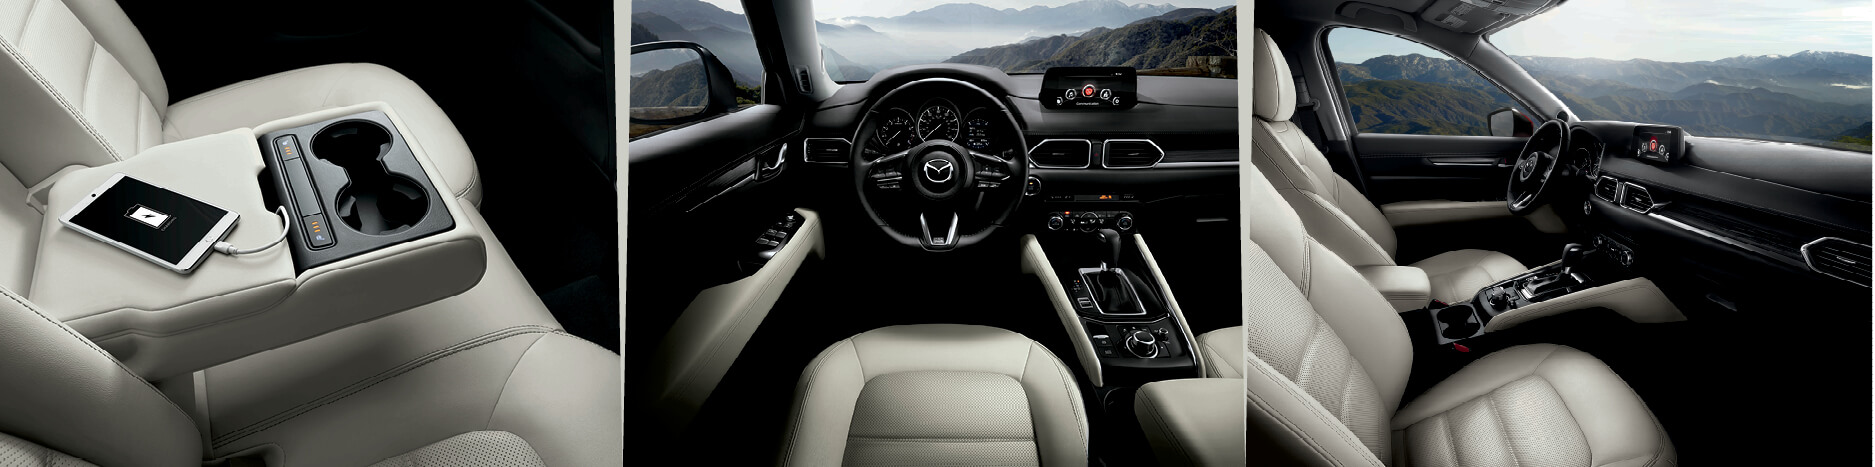 The All New Mazda CX-5 Interior